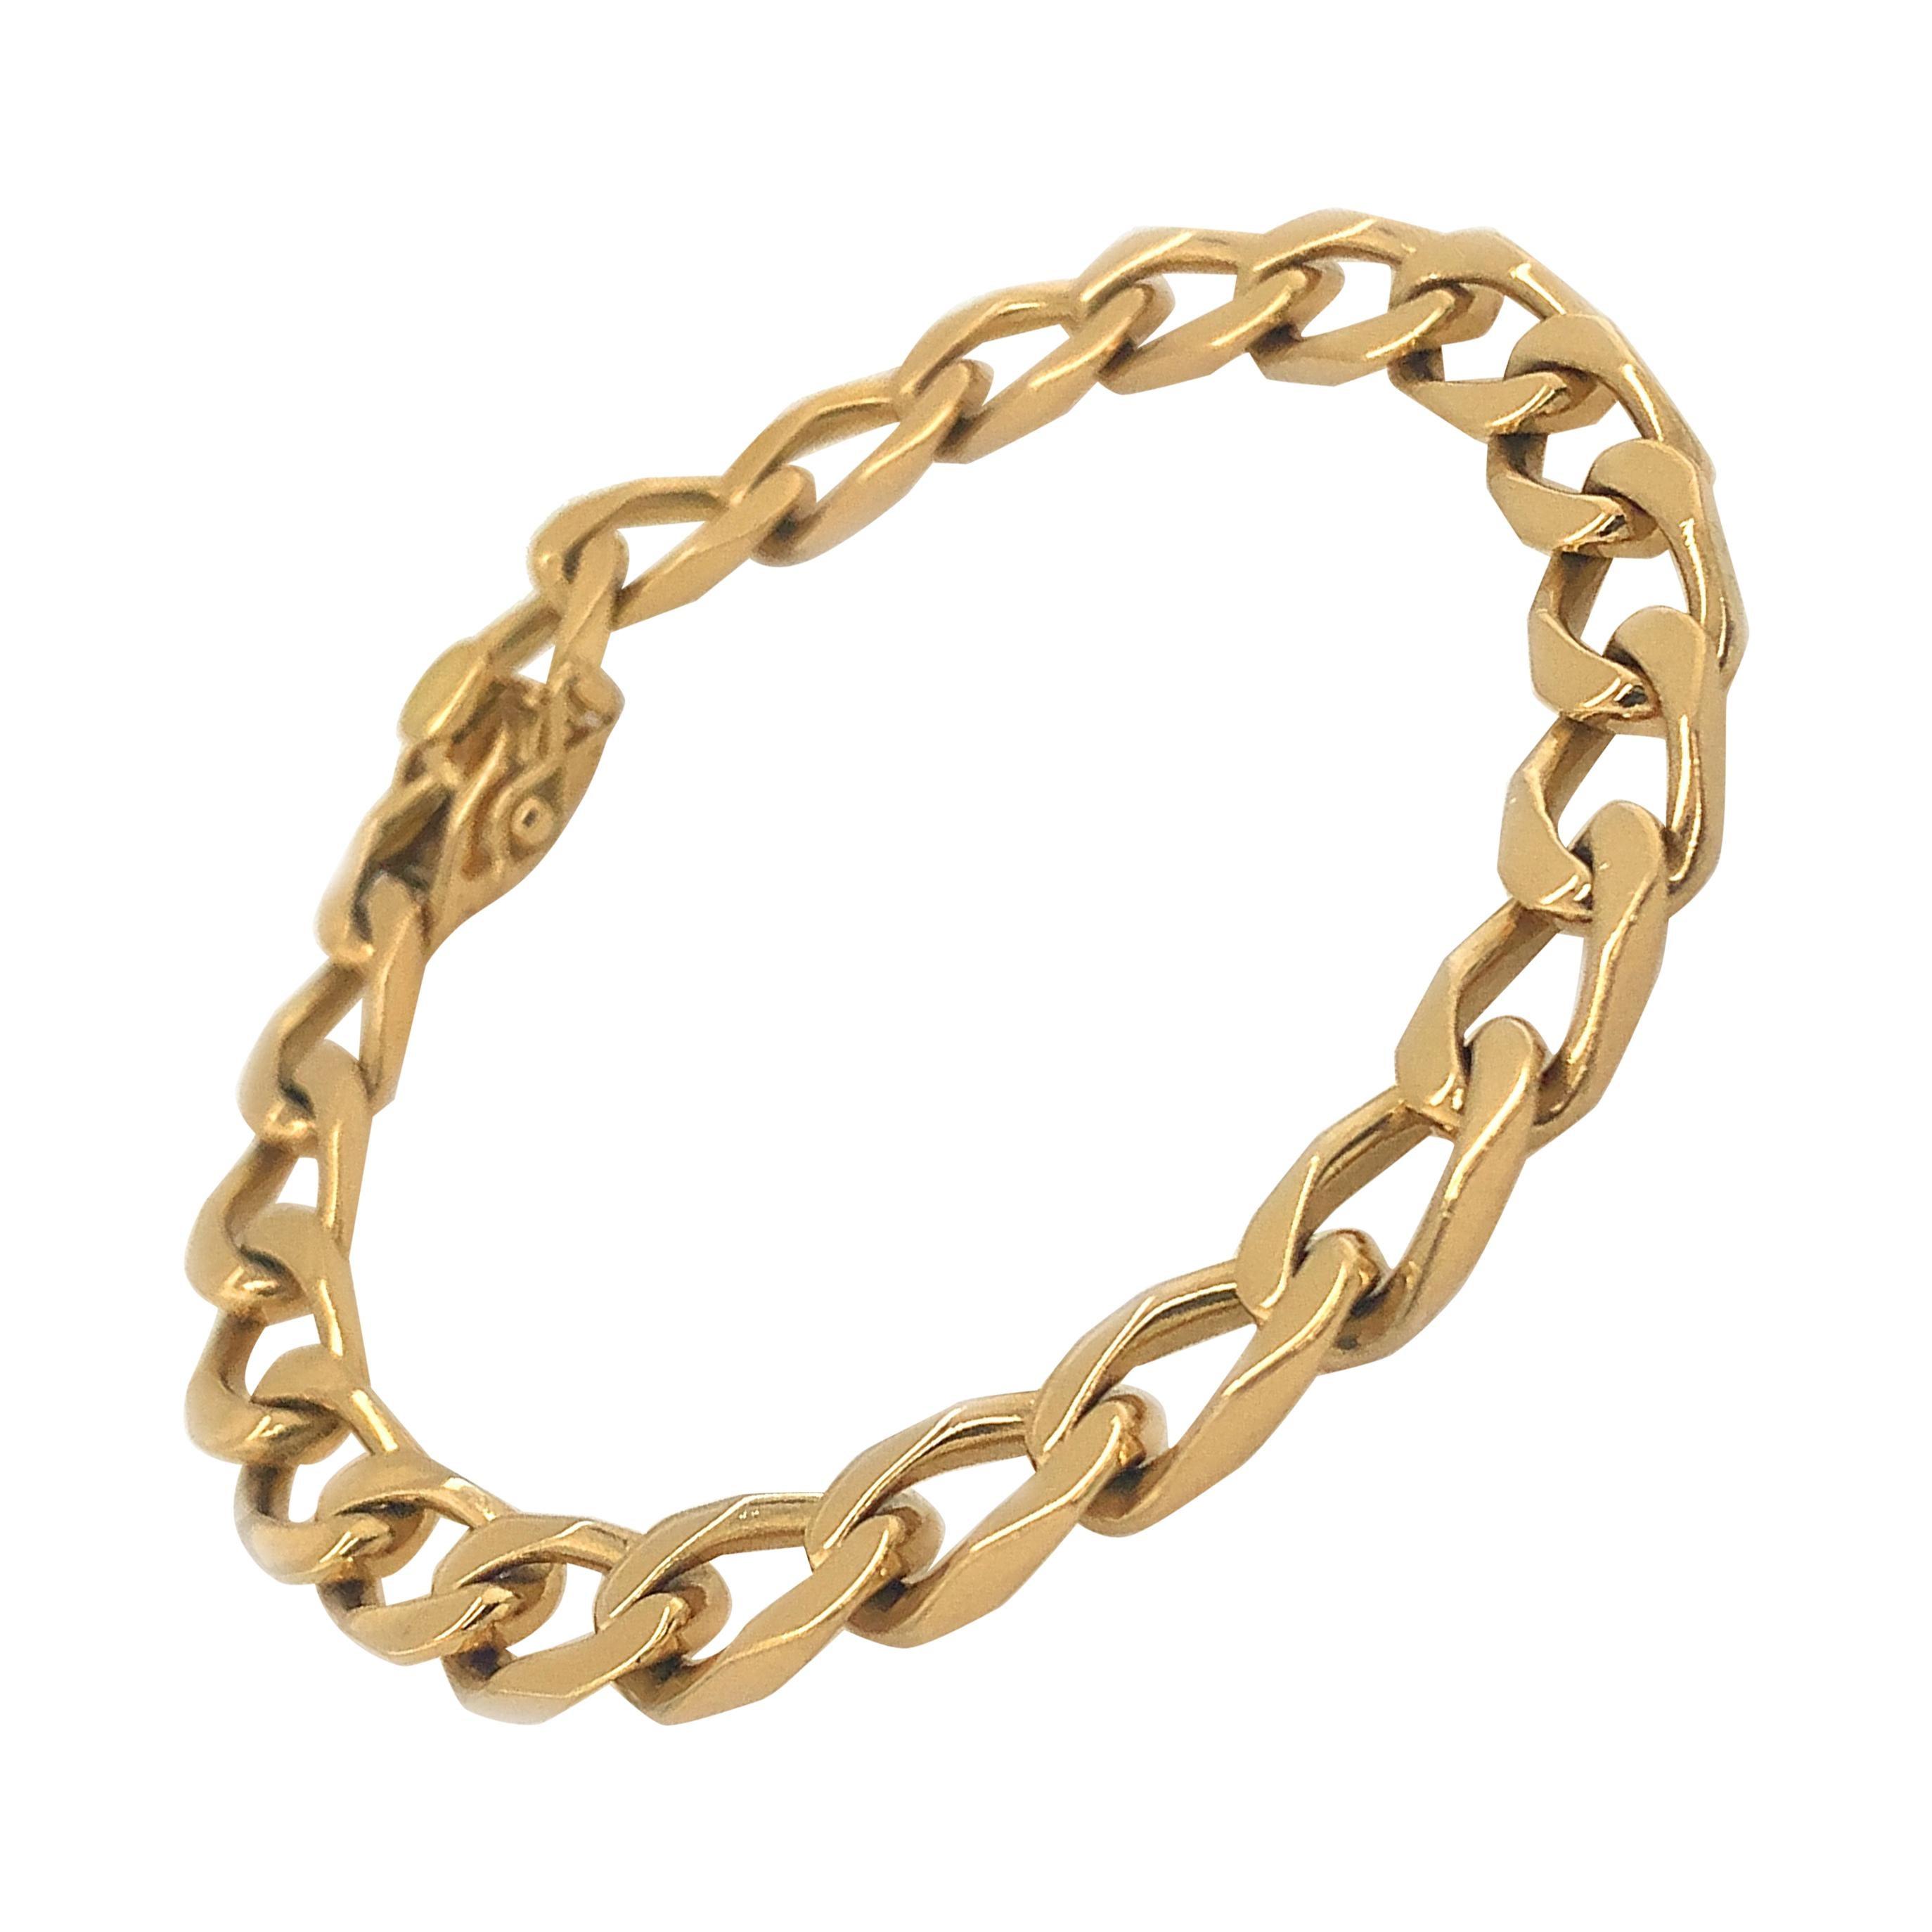 Cartier Paris Gold Curb Link Bracelet